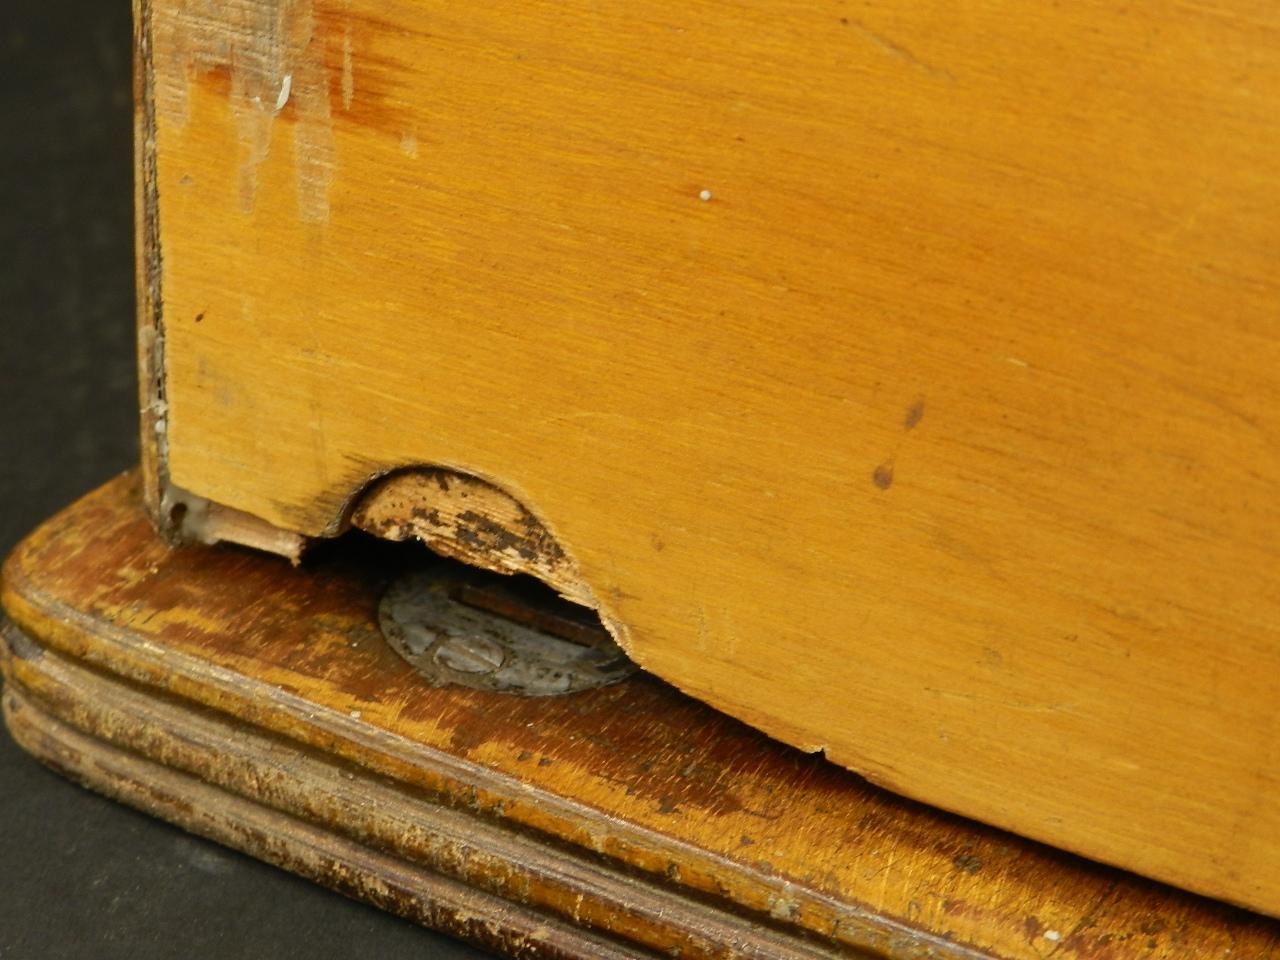 Imagen TYPO  AÑO 1915 + Caja de madera 27038